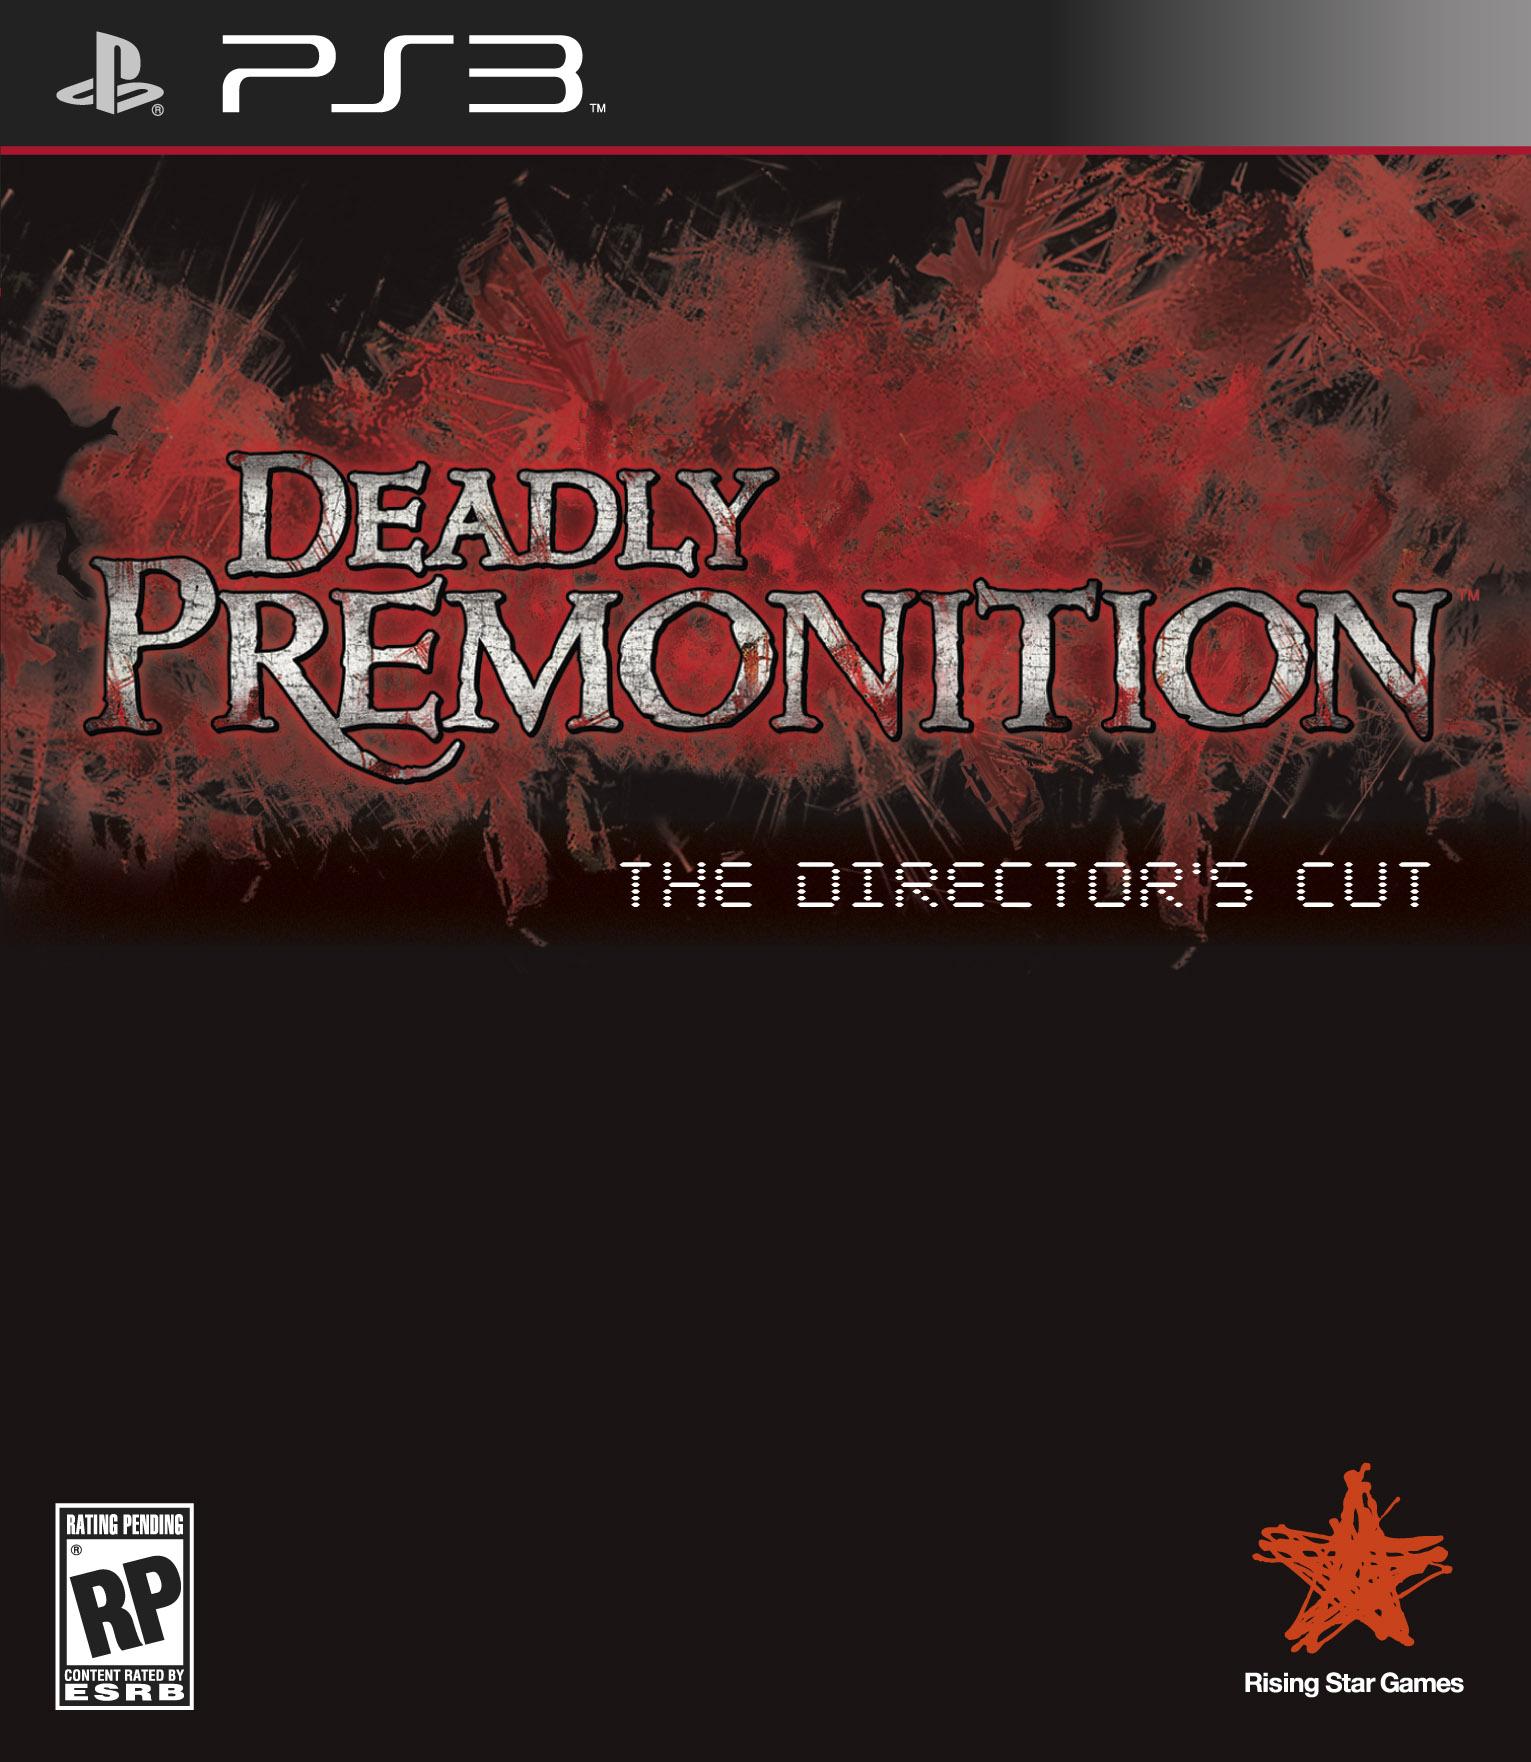 DeadlyPremonitionDLX_PS3_FLAT Packshot USA